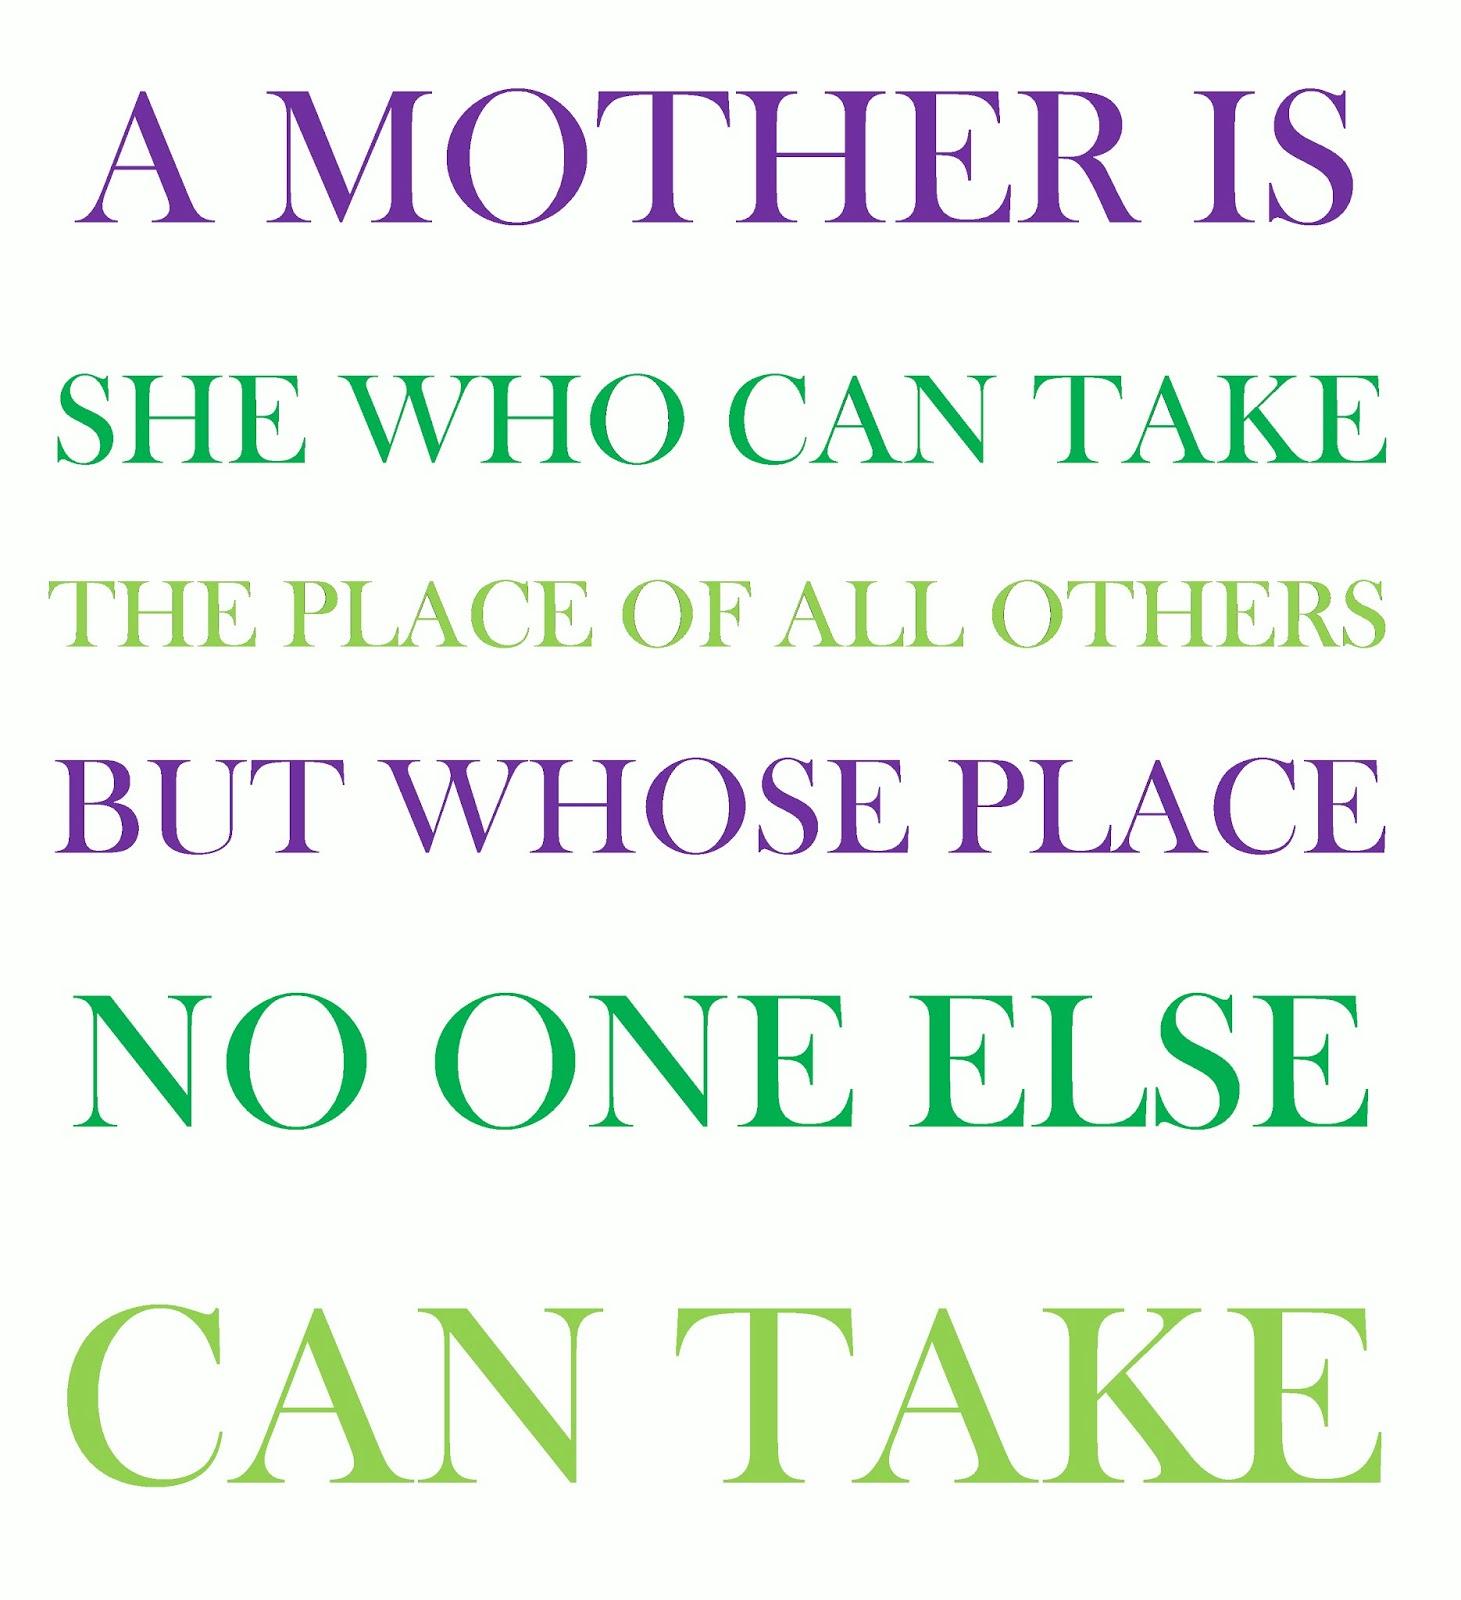 citater om forældre Everyday Mom citater om forældre